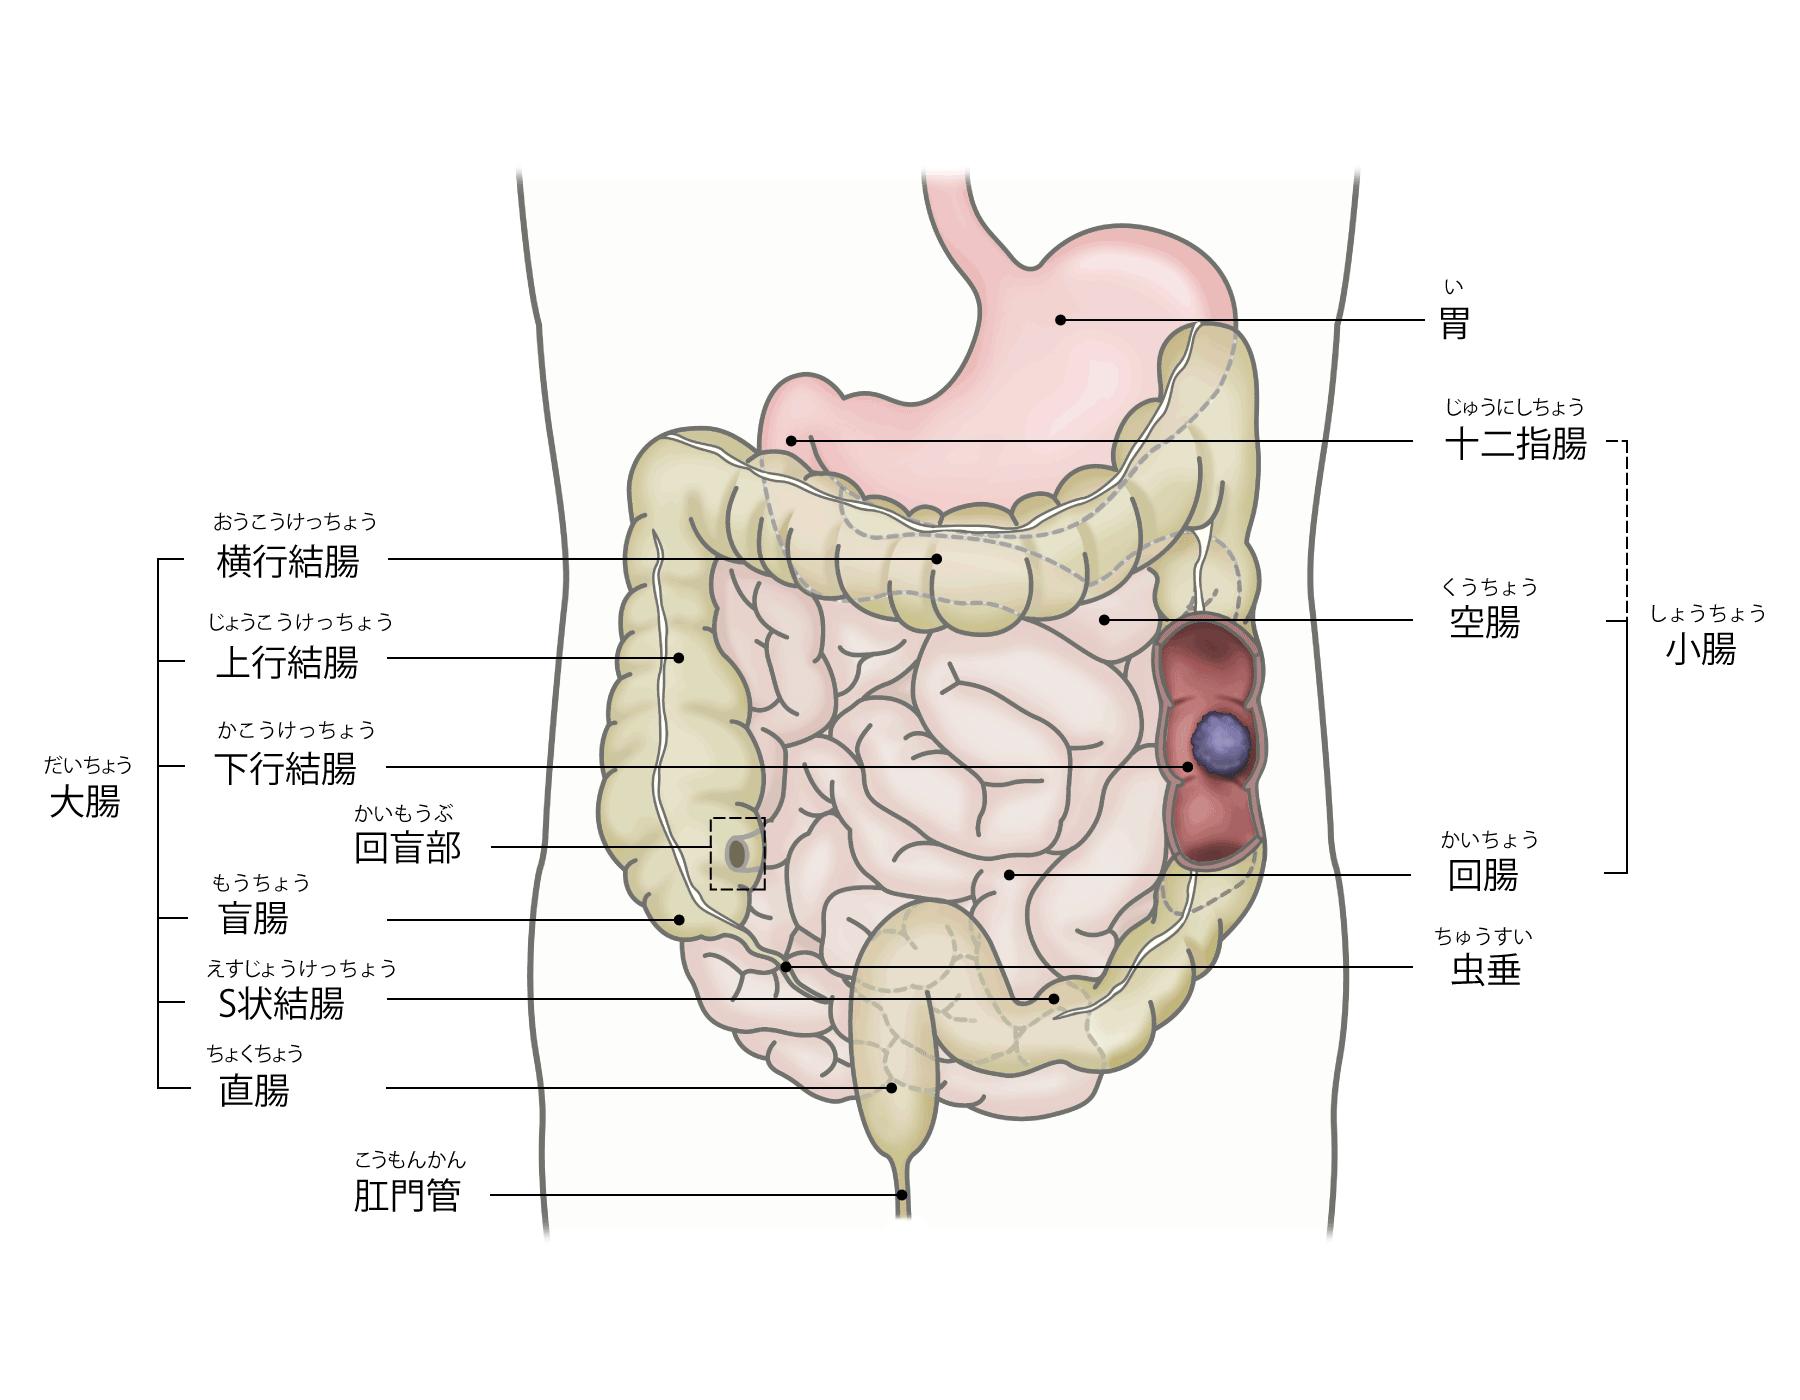 大腸がんの説明画像